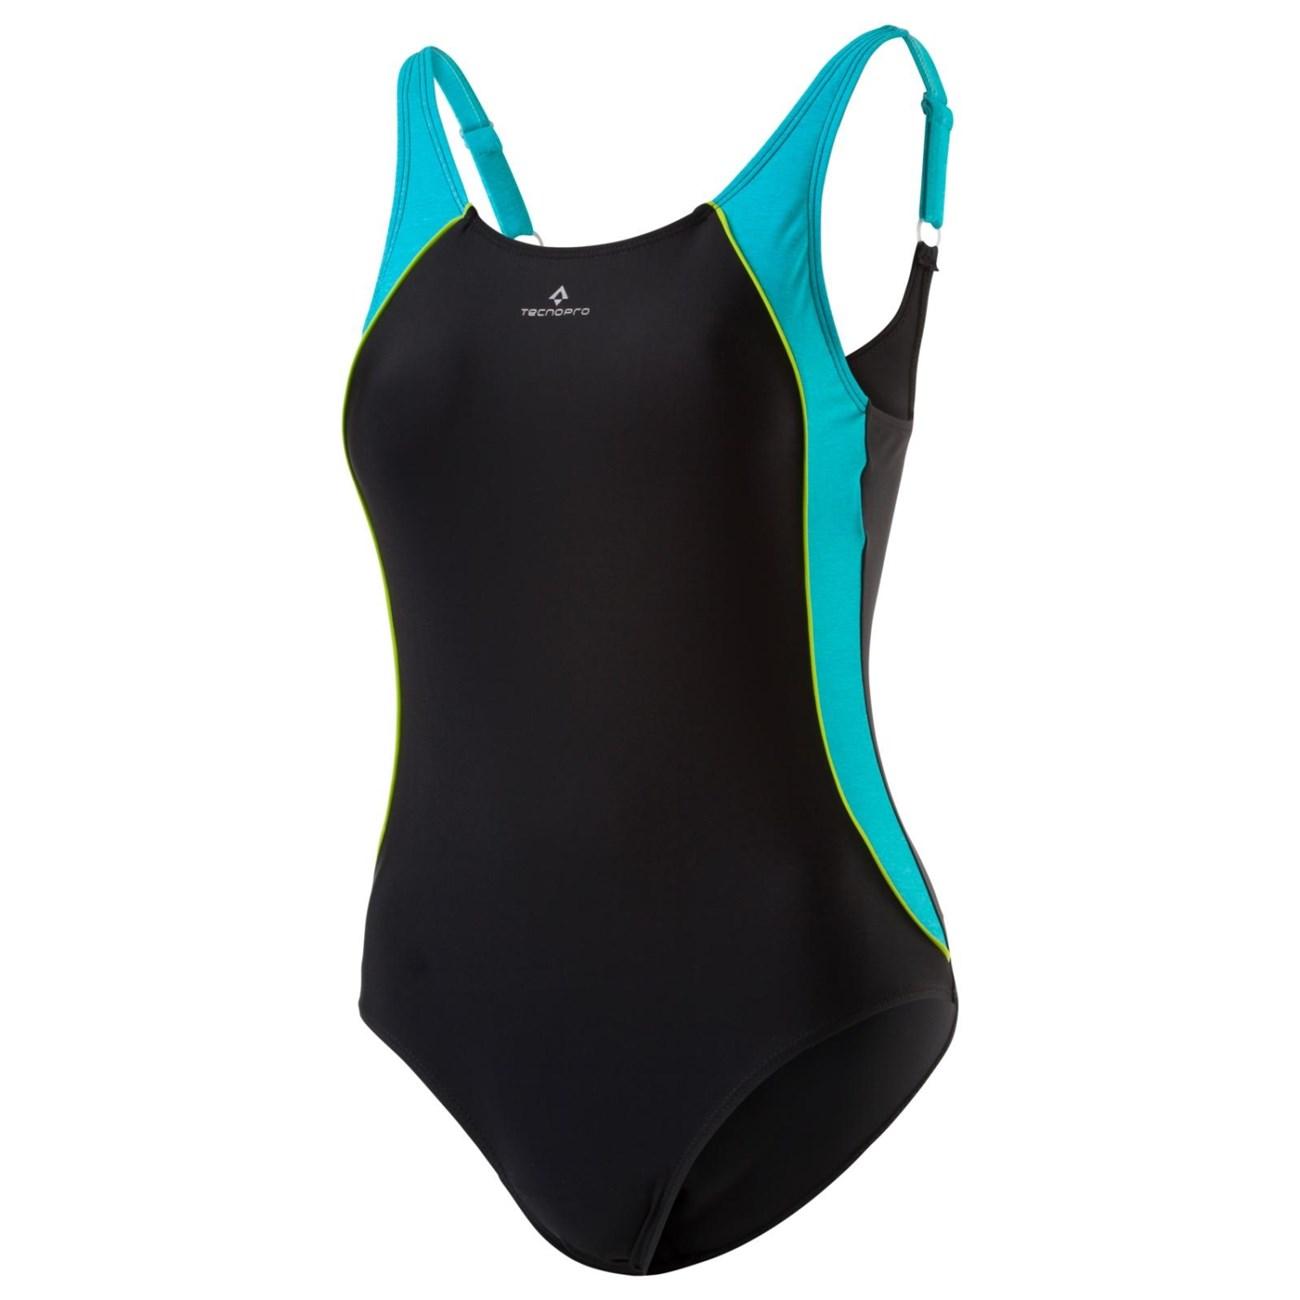 5915bb66d97 TECNO PRO Rusantia wms < Μαγιό Κολύμβησης | INTERSPORT